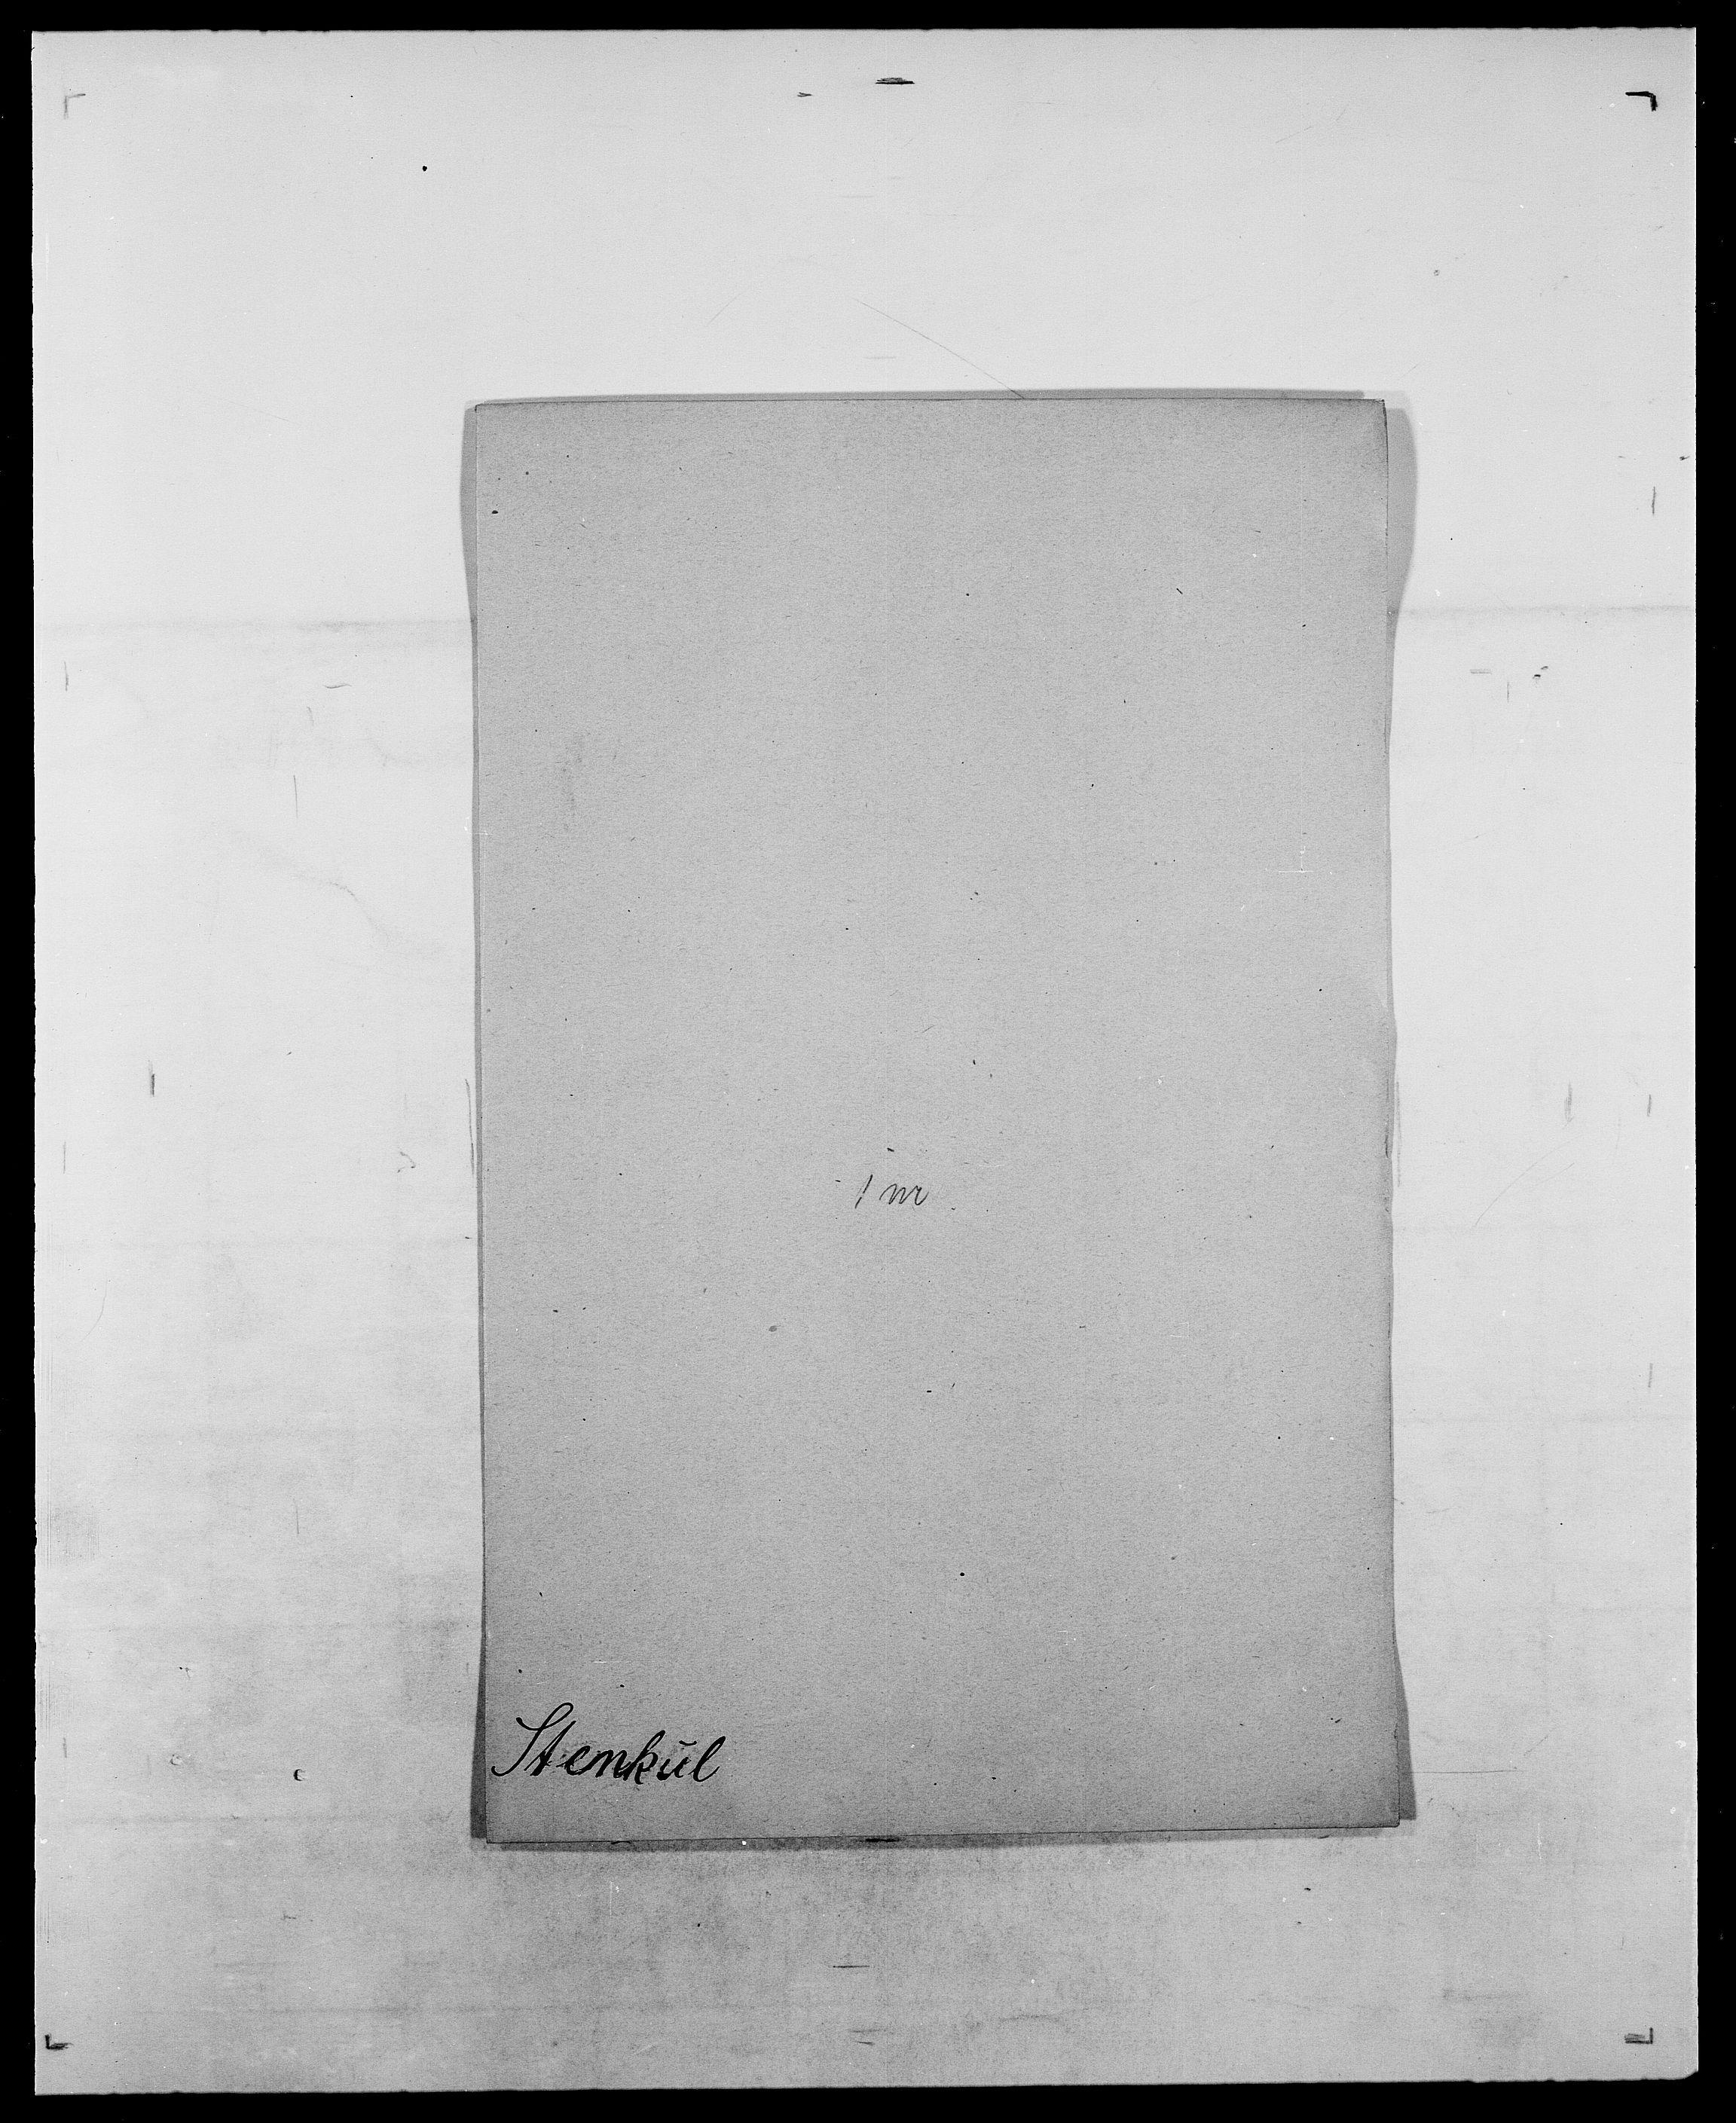 SAO, Delgobe, Charles Antoine - samling, D/Da/L0037: Steen, Sthen, Stein - Svare, Svanige, Svanne, se også Svanning og Schwane, s. 349